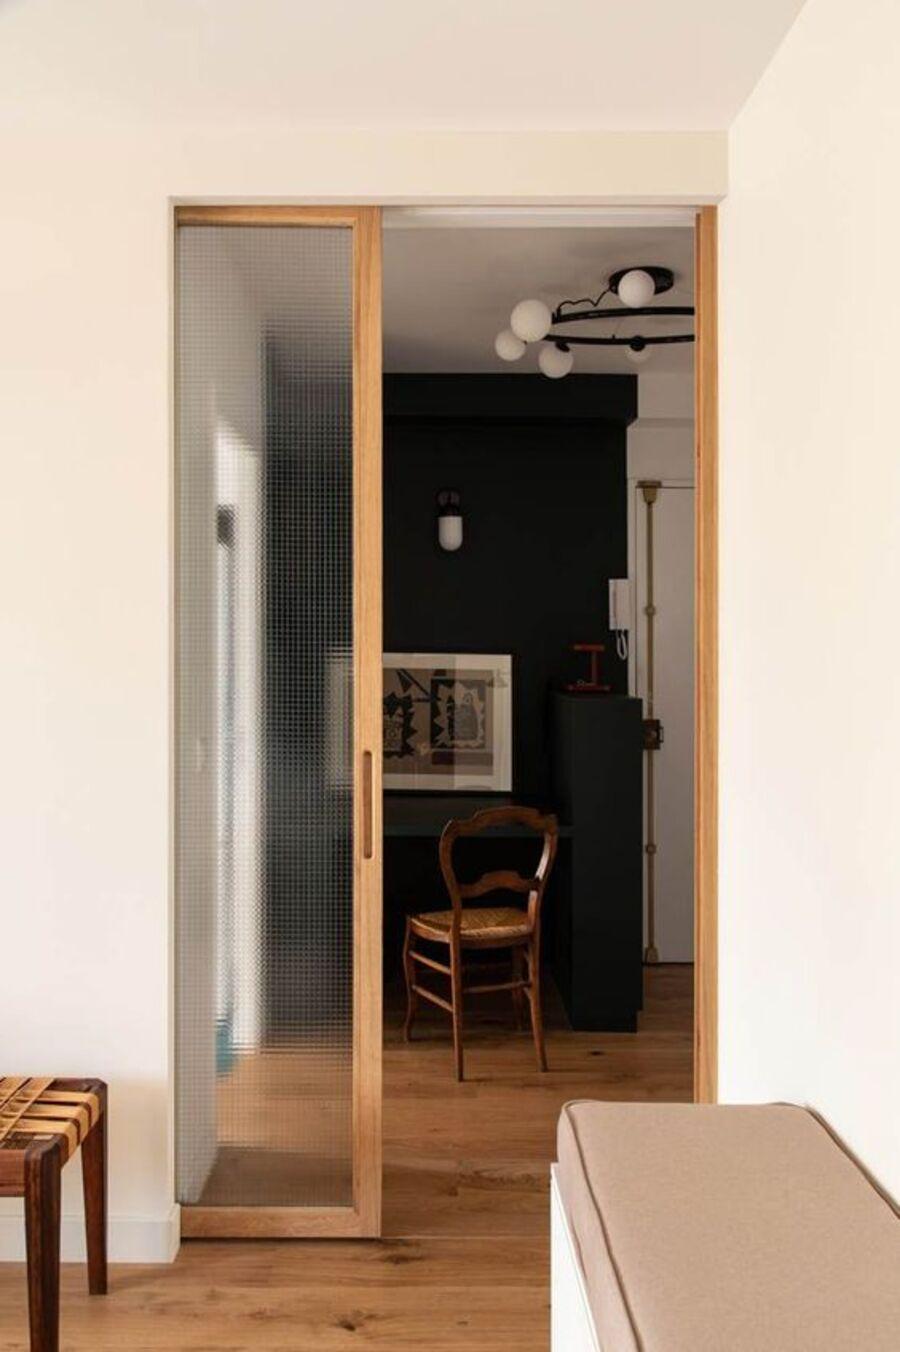 Las puertas correderas te ayudarán a optimizar el espacio.